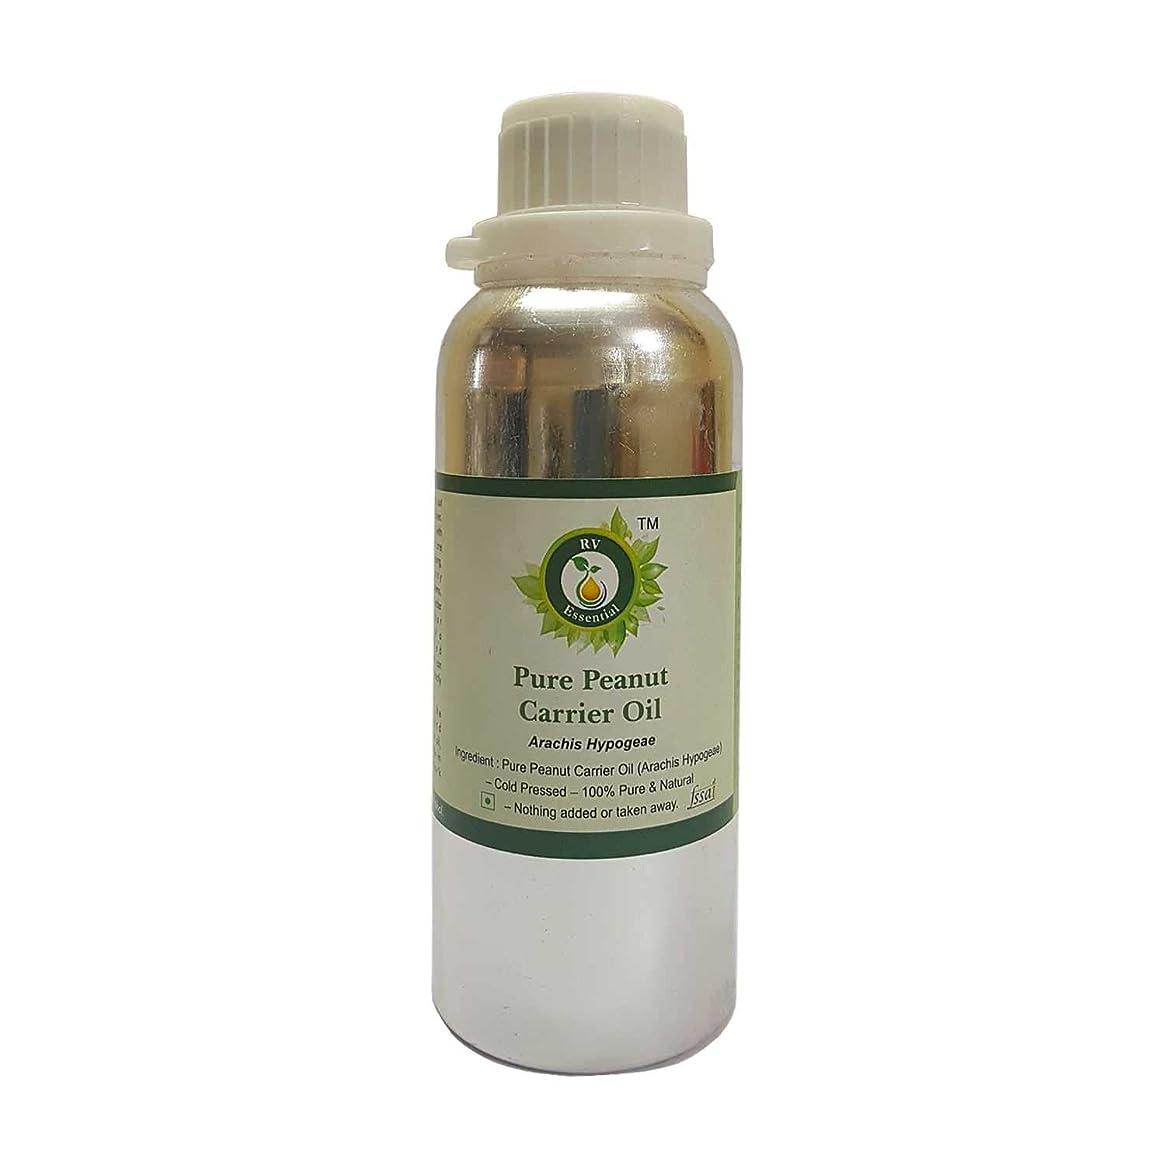 器官審判かどうかR V Essential 純粋なピーナッツキャリアオイル300ml (10oz)- Arachis Hypogeae (100%ピュア&ナチュラルコールドPressed) Pure Peanut Carrier Oil